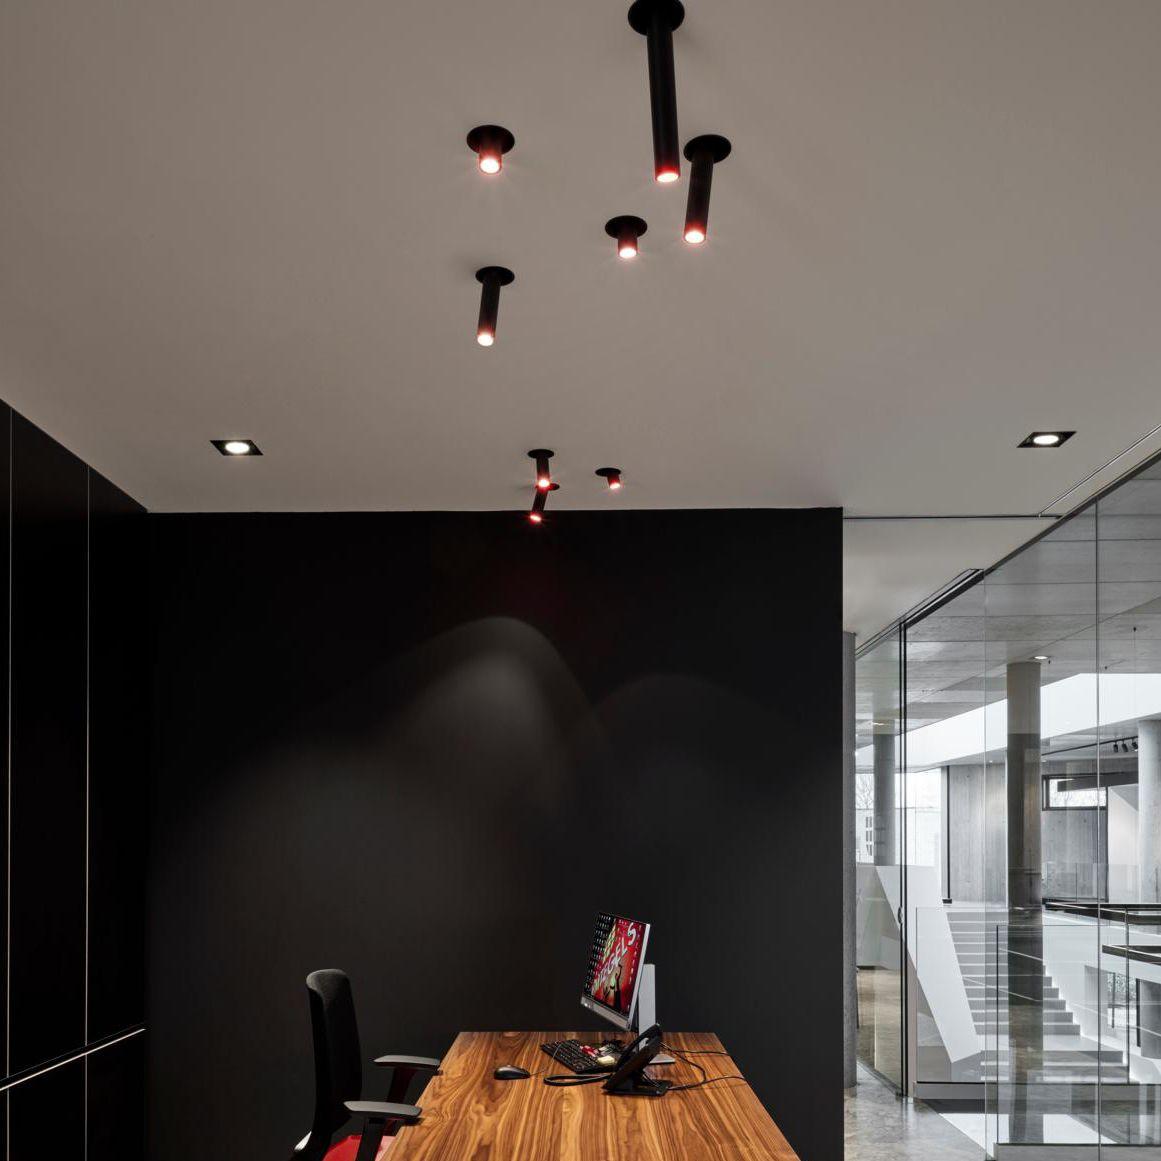 Full Size of Wohnzimmer Deckenstrahler Pivot 1170 Psmlighting Einbau Innenraum Deckenleuchte Gardinen Wandbild Großes Bild Teppich Stehlampe Lampe Deckenlampe Sofa Kleines Wohnzimmer Wohnzimmer Deckenstrahler